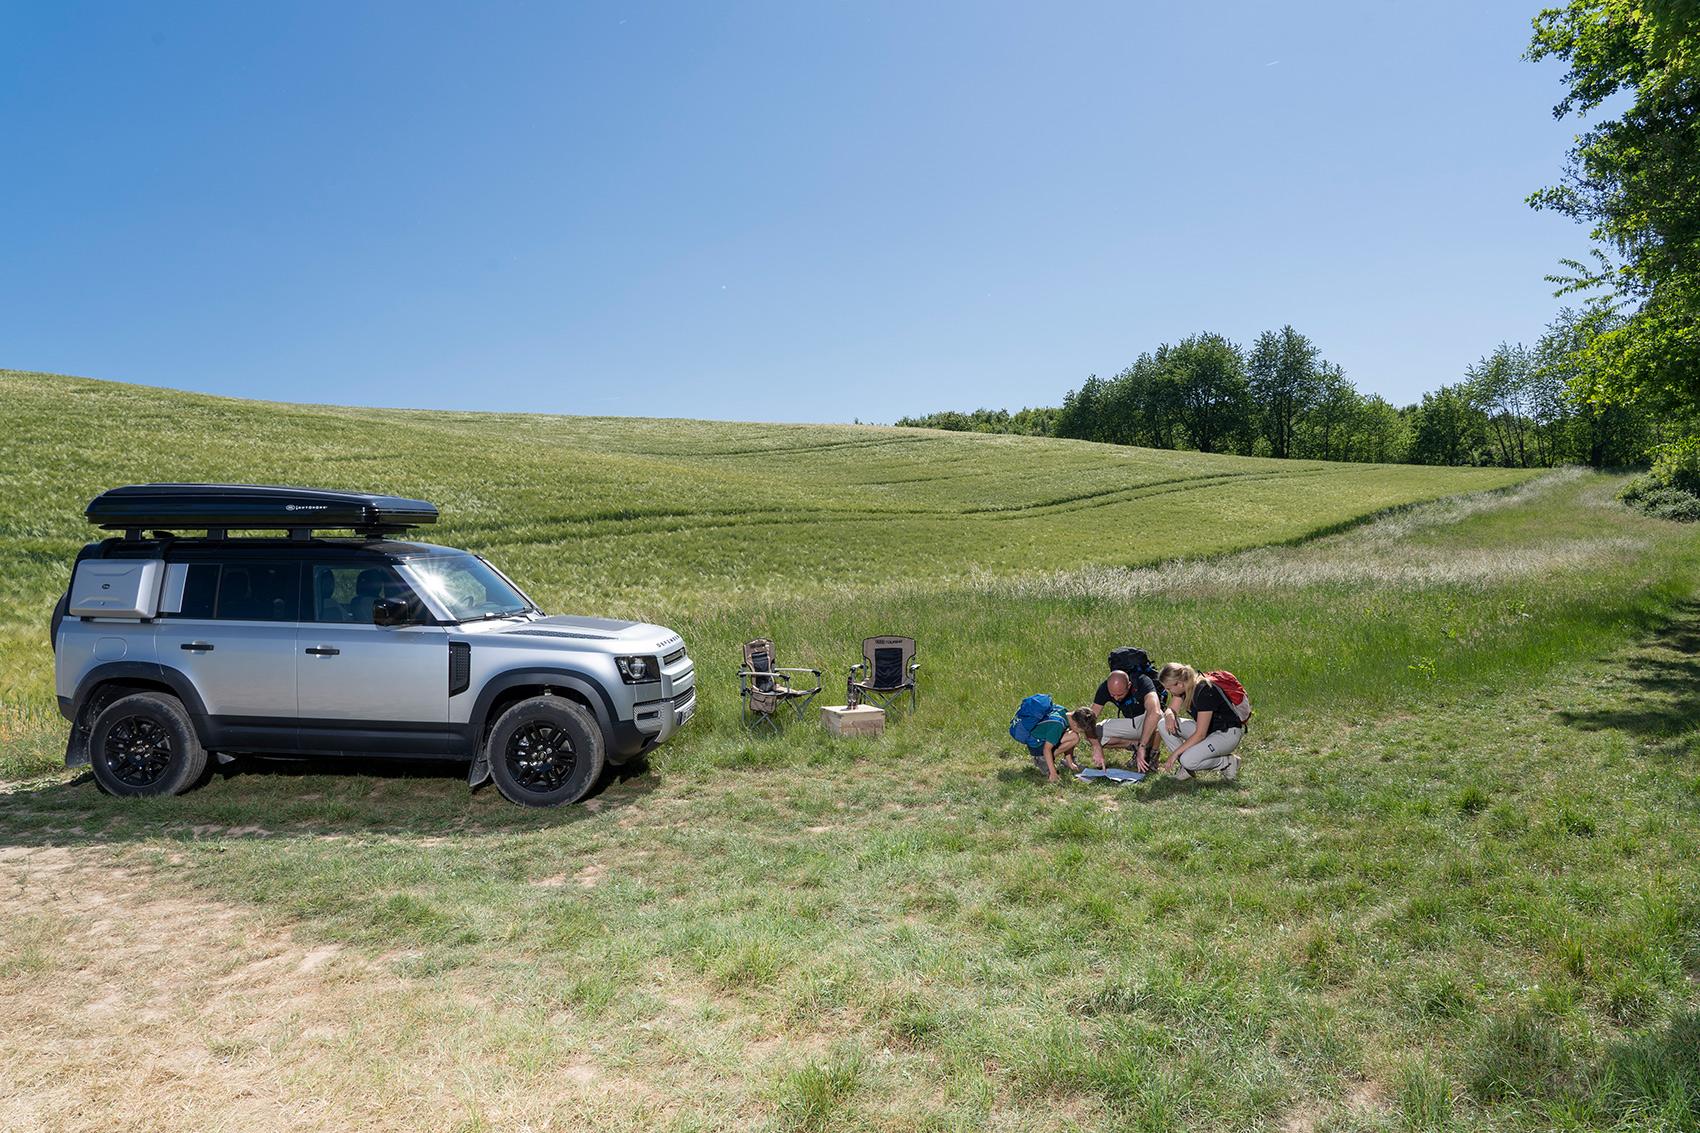 Skal det være en Land Rover med telt på taket?